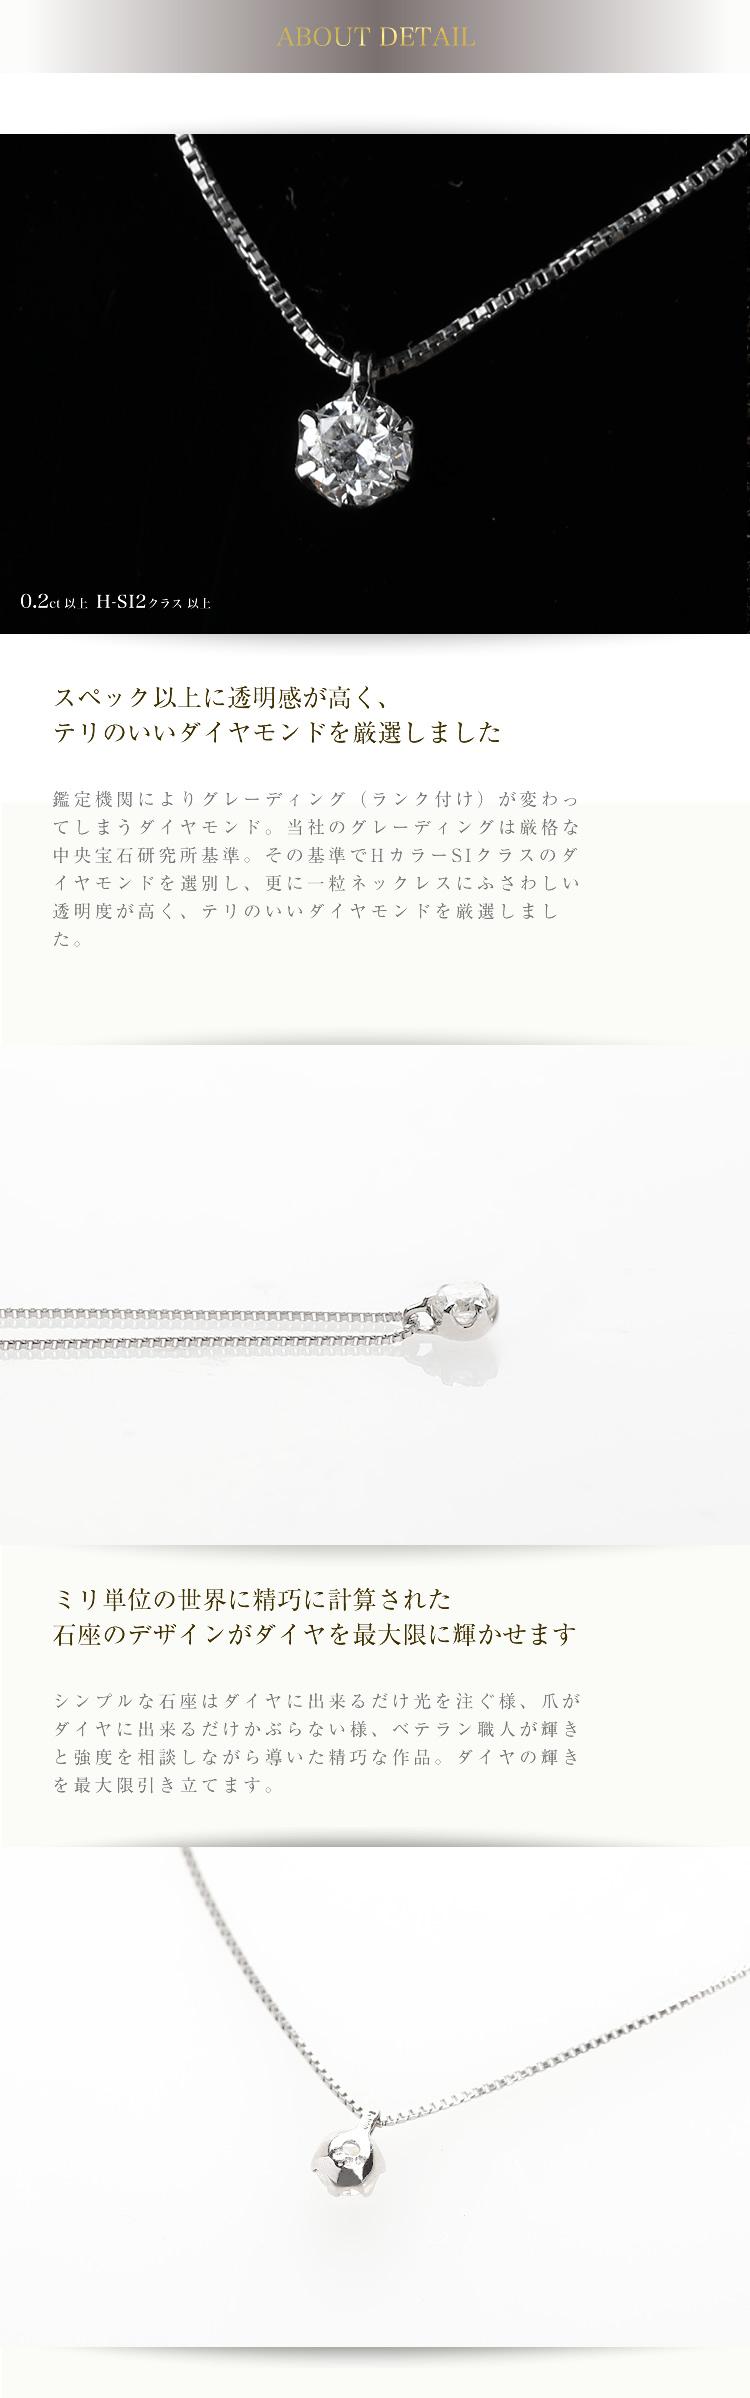 パッと見で分かる気品のある輝きの秘密は厳選したHカラーSIクラスのダイヤモンド